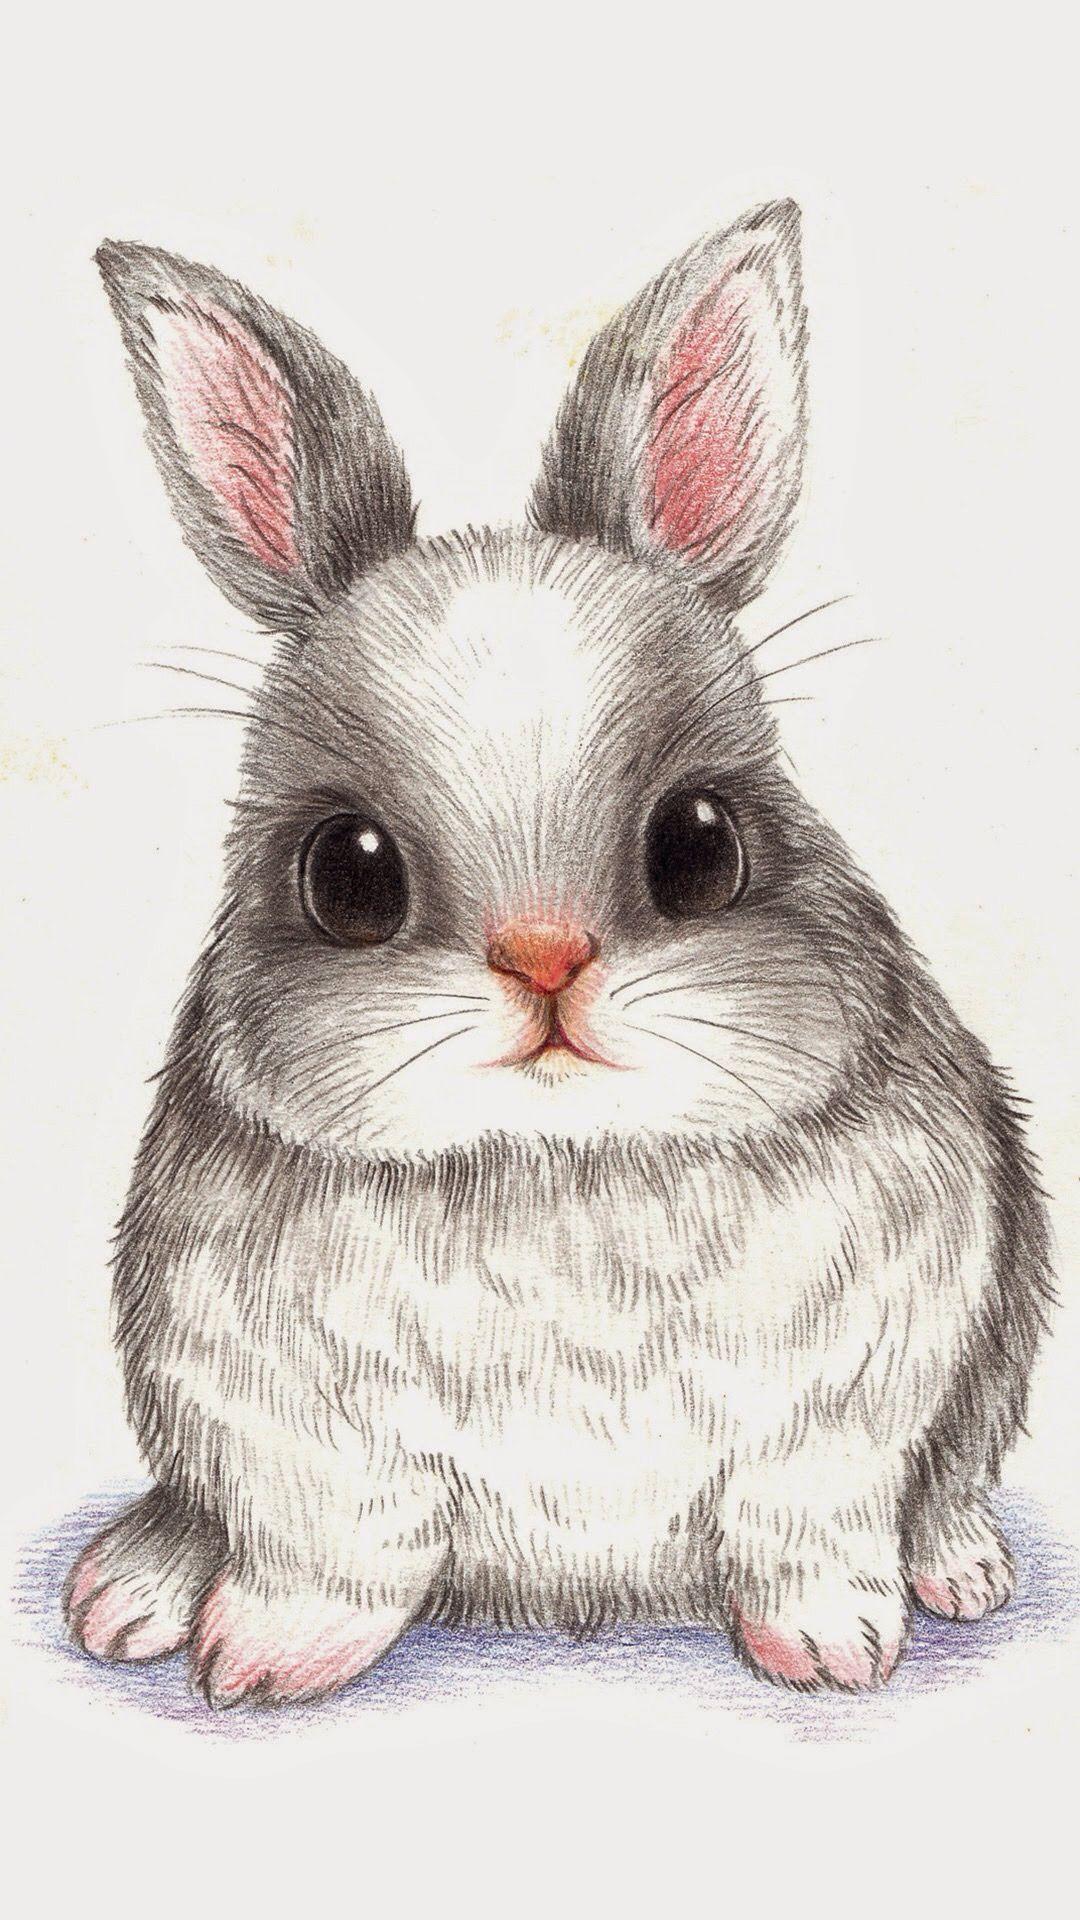 Pin von Татьяна Гордеева auf детские рисунки | Pinterest | Zeichnen ...